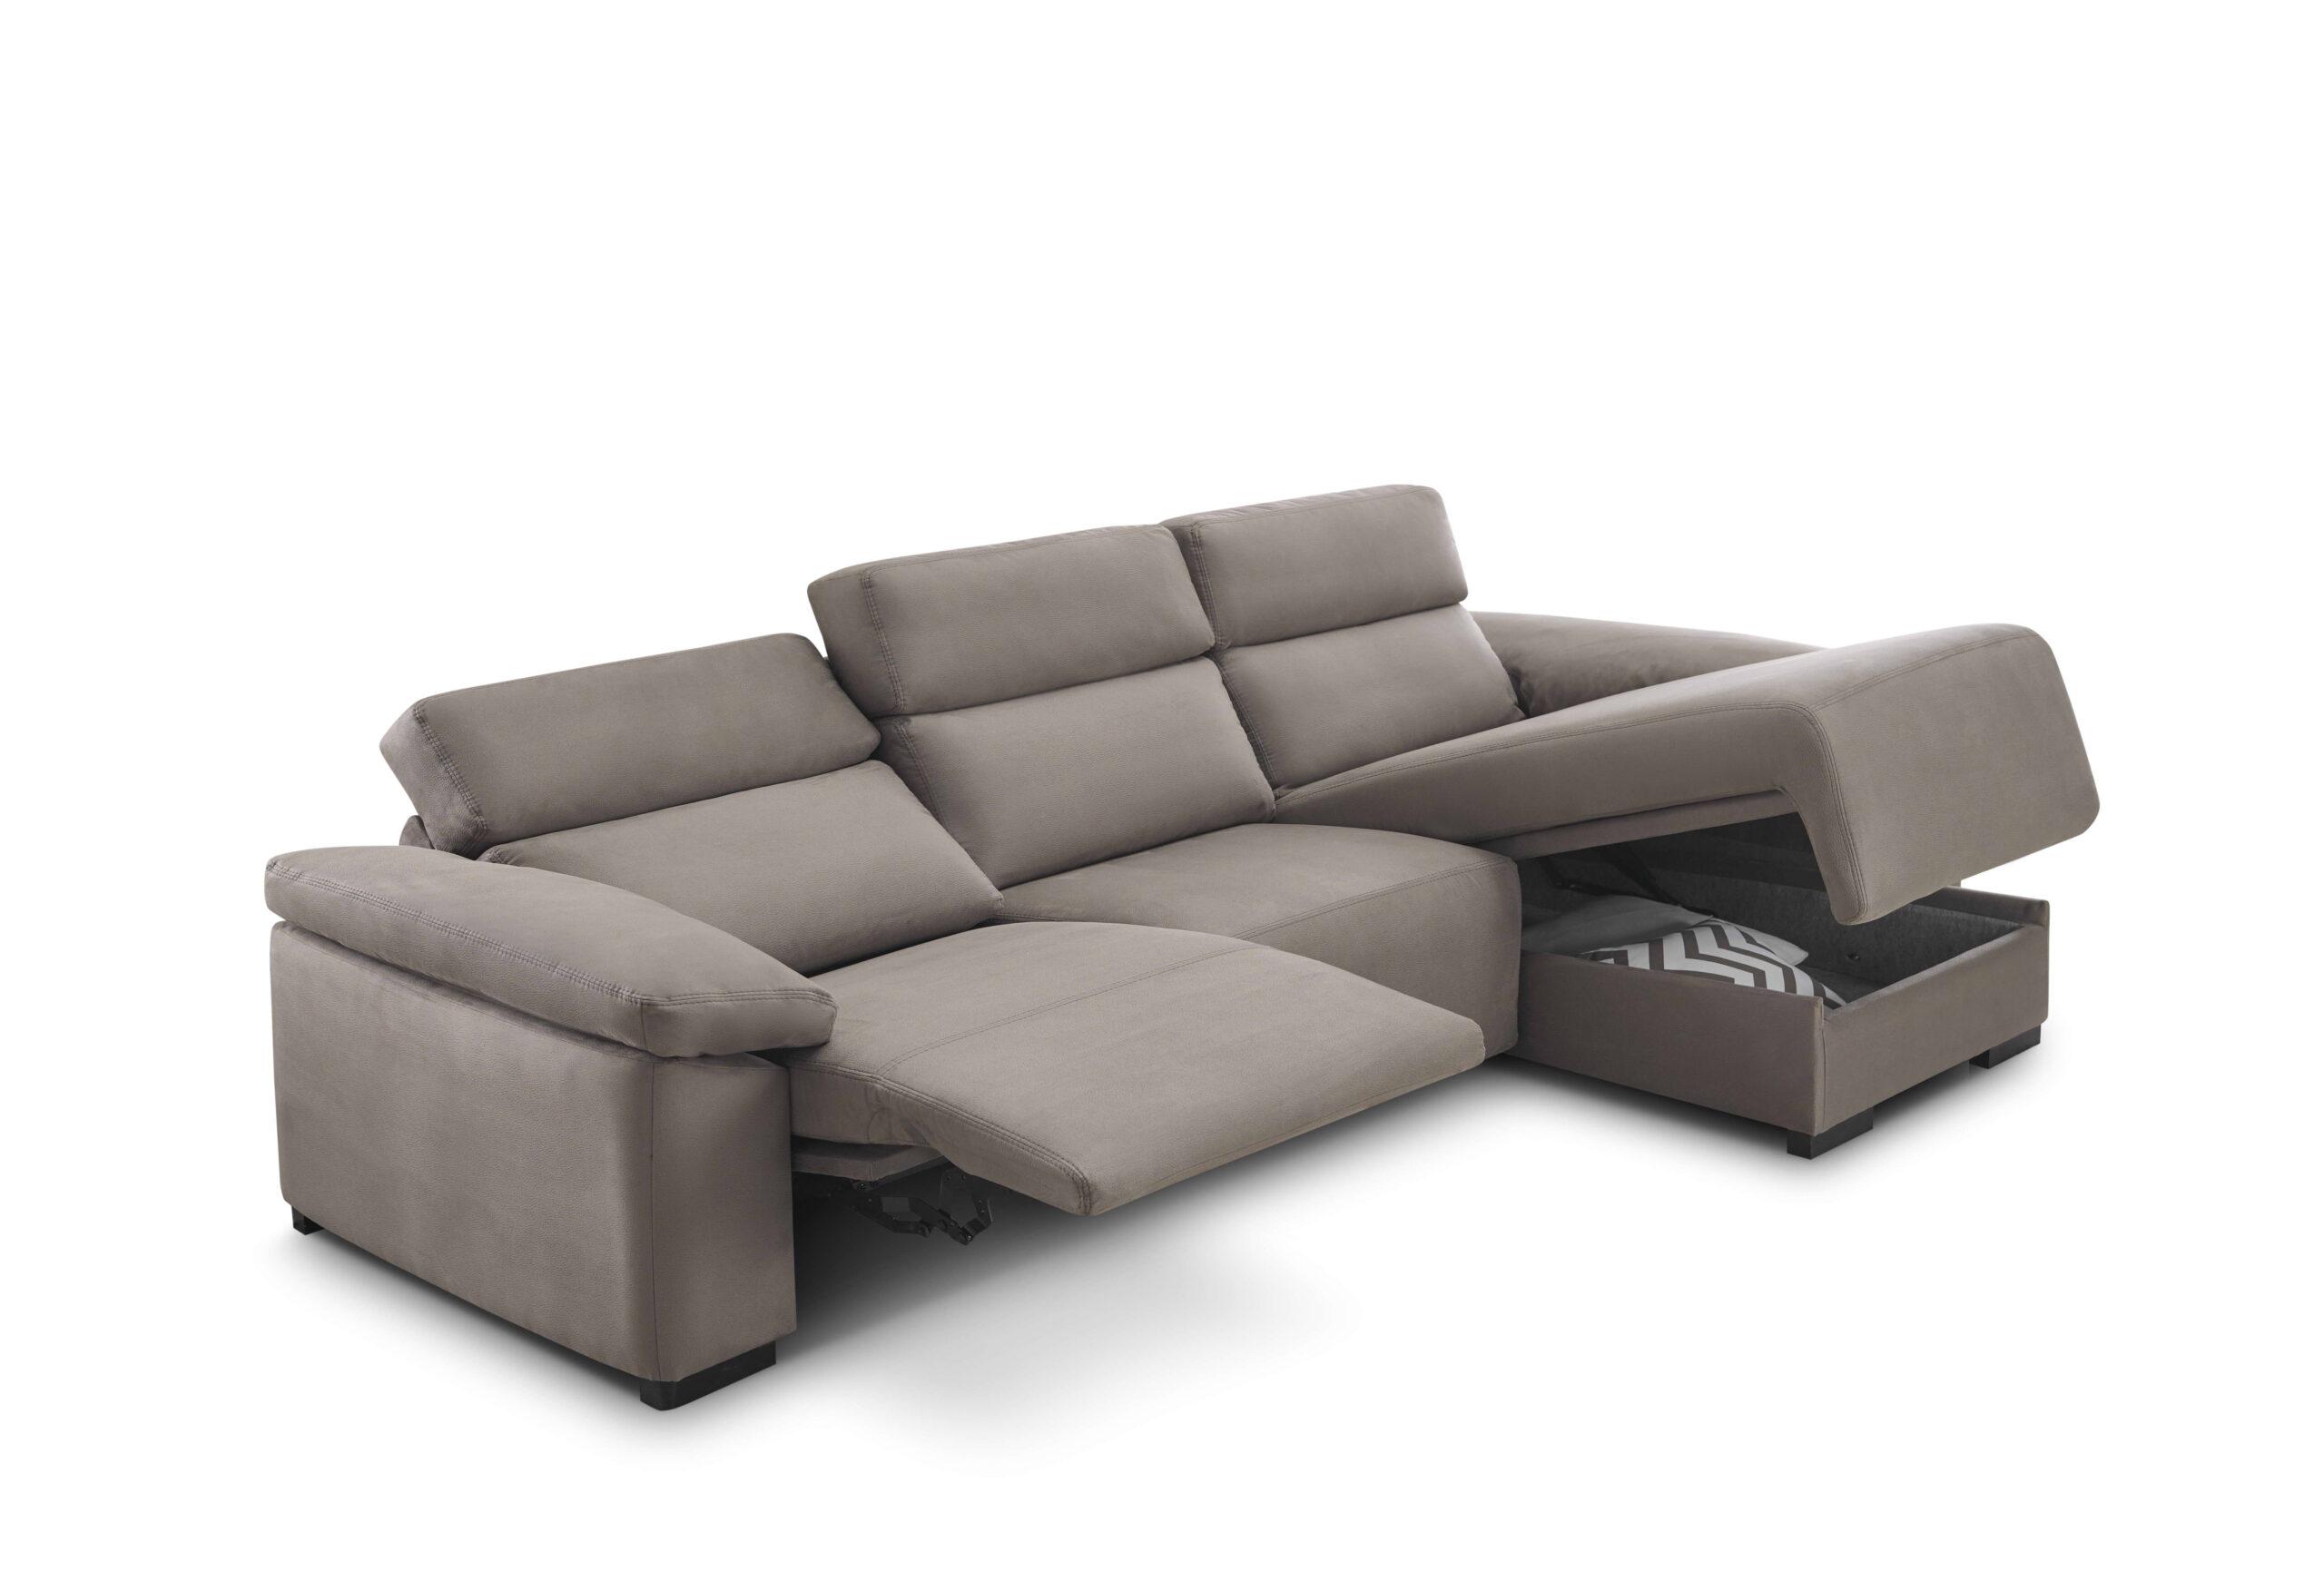 Sofagrup sofa abatible Nora Chaiselongue